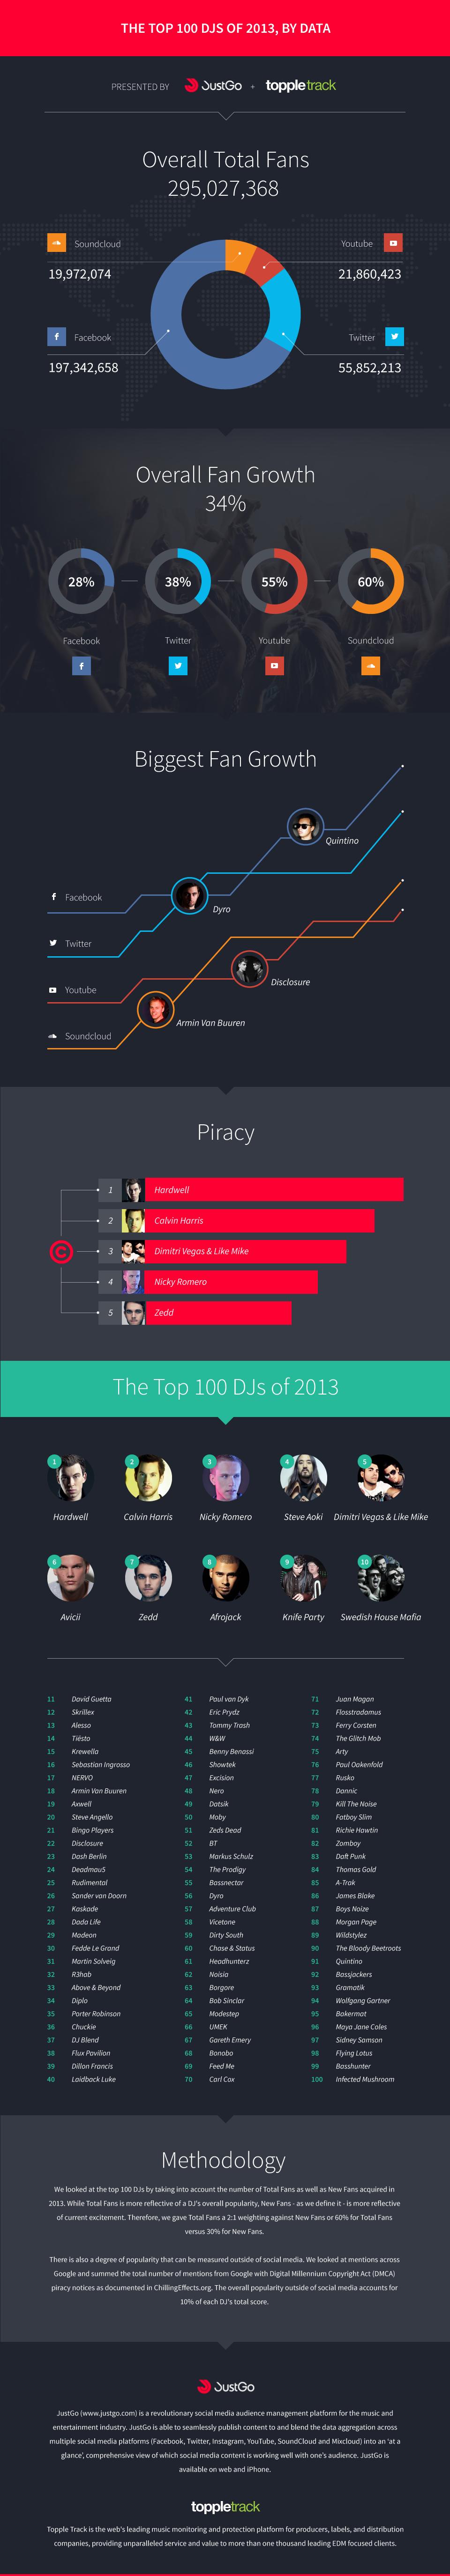 top_100_djs_2013_infographic_